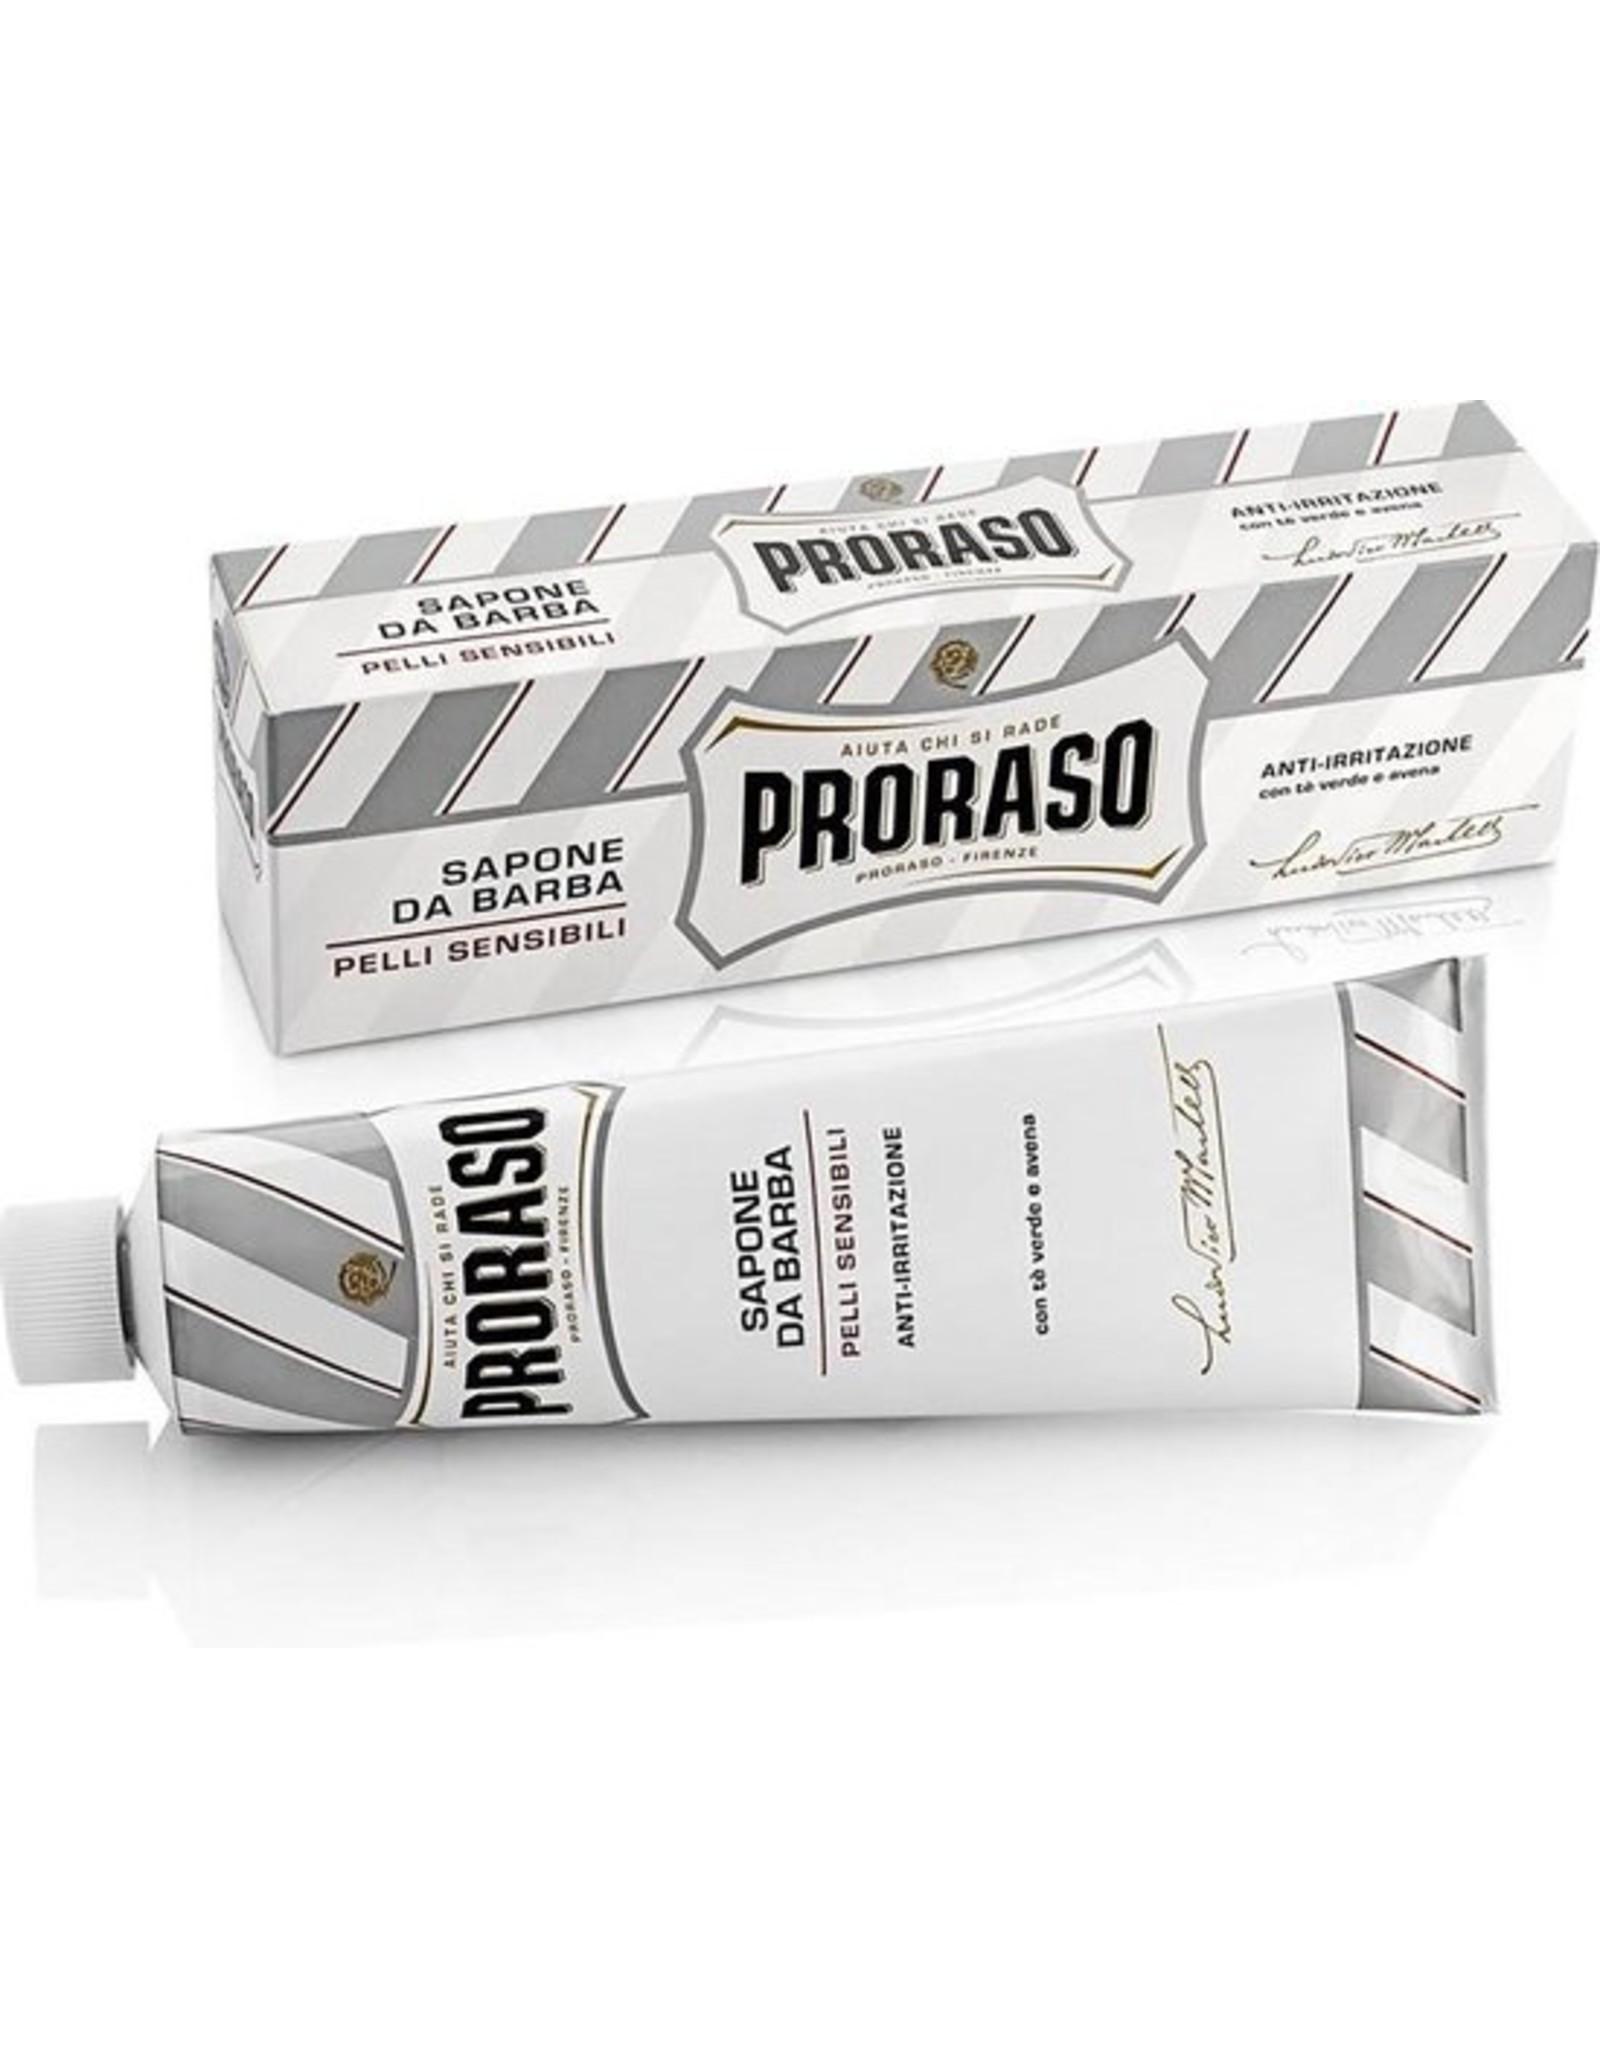 PRORASO PRORASO SHAVING CREAM SENSITIVE